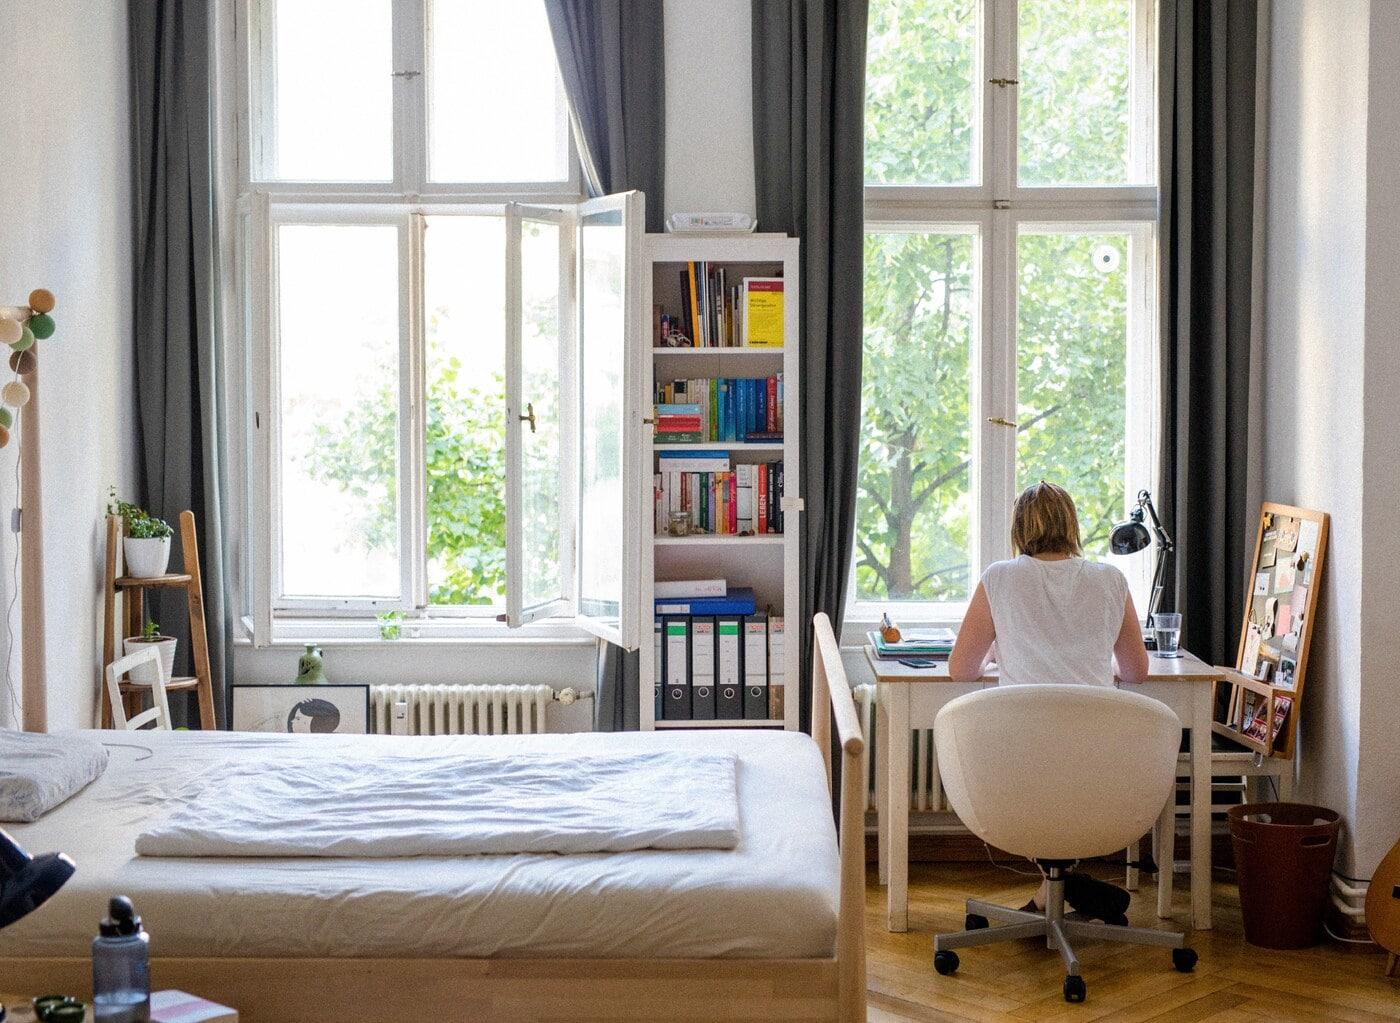 書棚とデスクがある小さな明るいベッドルーム。デスクの前には若い女性がカメラに背を向けて座っています。